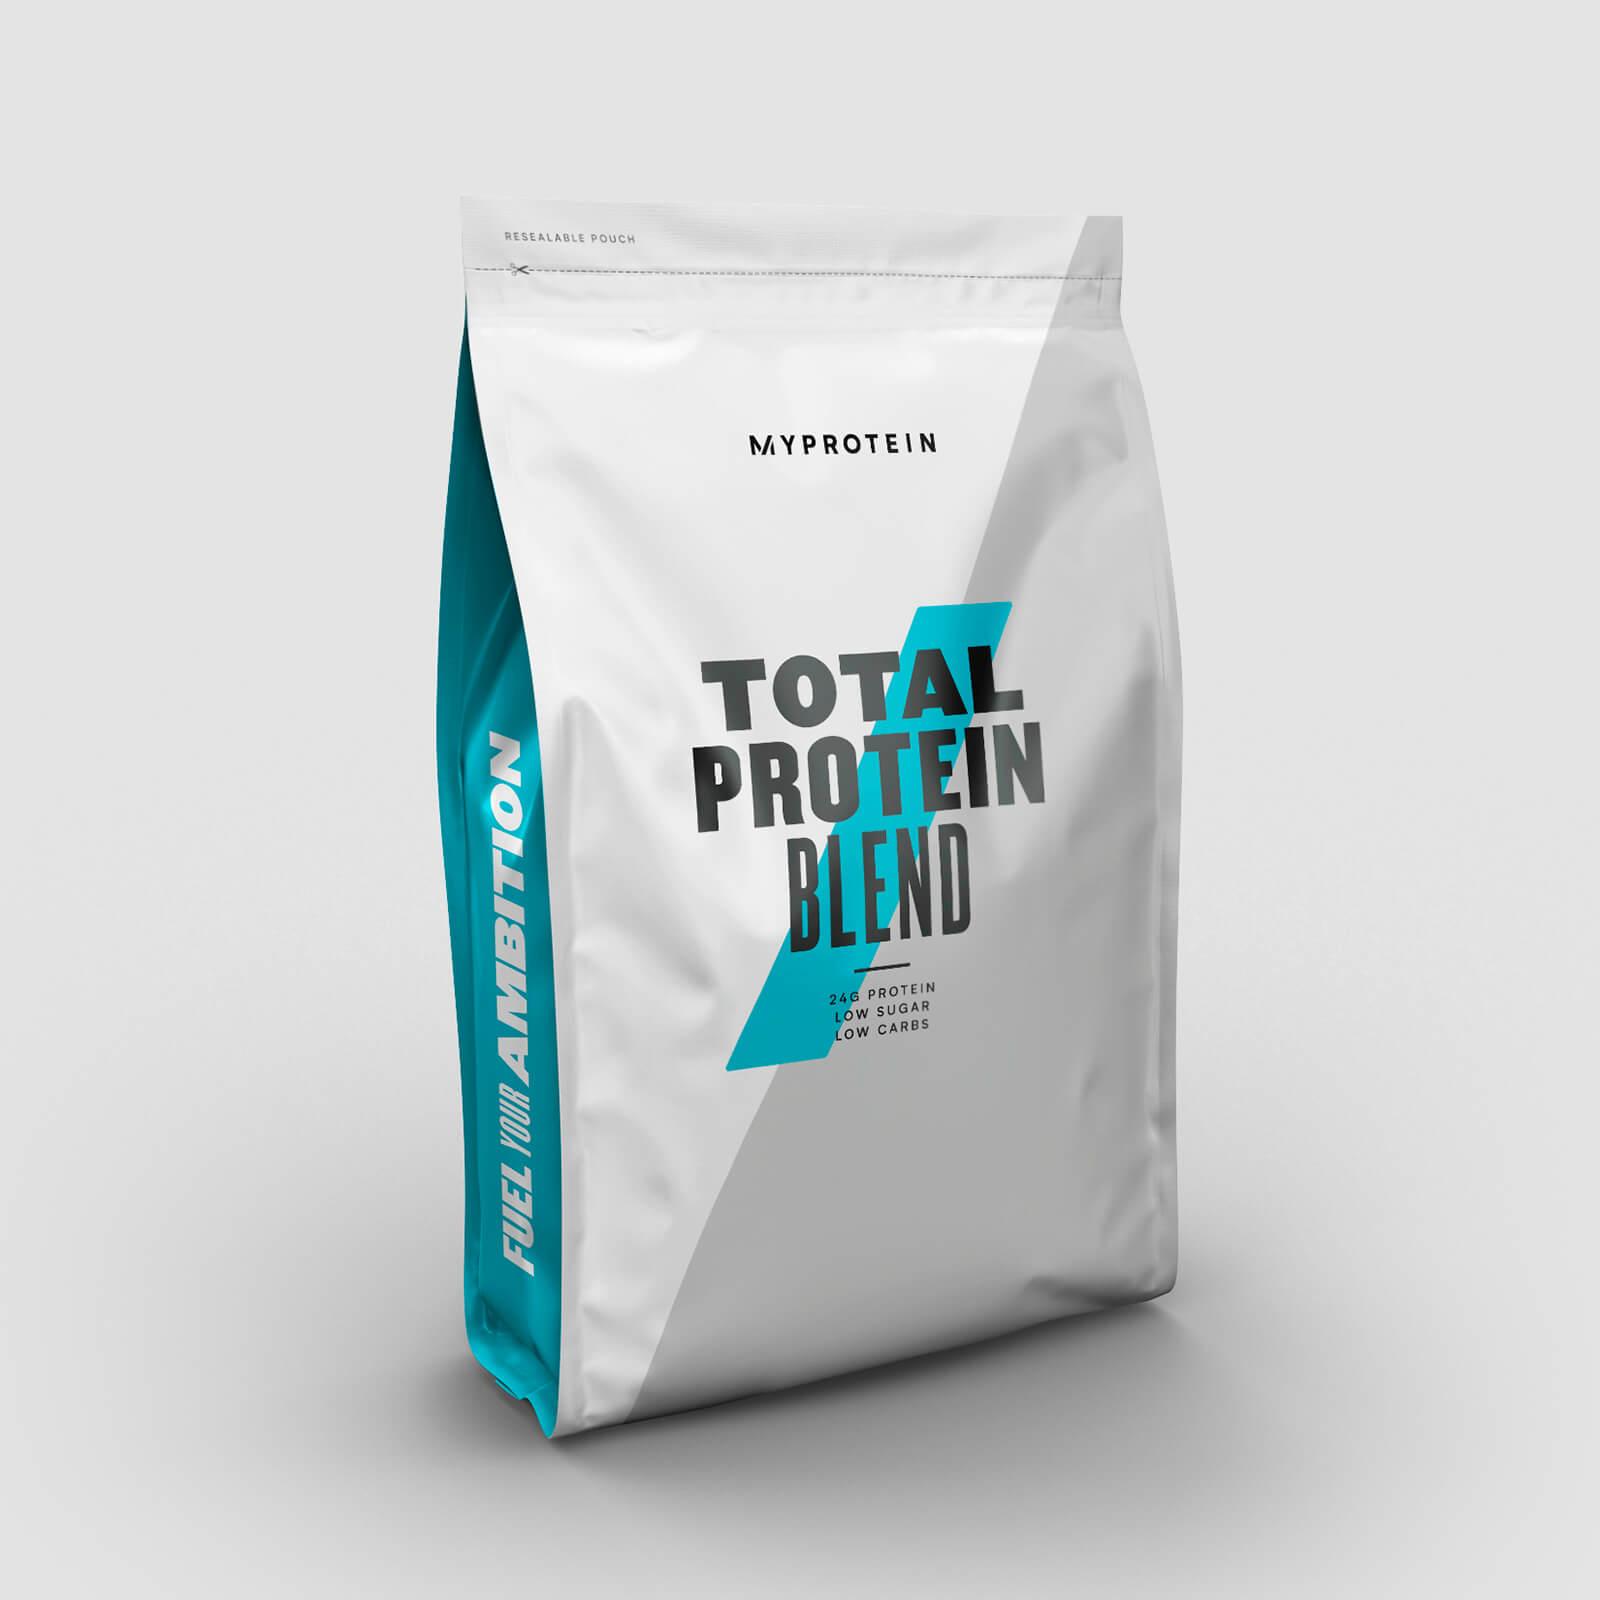 60% auf ausgewählte Produkte bei Myprotein: z.B. 5kg Total Protein Blend - 34,47€ | 2.5kg Milk Protein für 19,59€ | 1kg Creatin - 7,59€